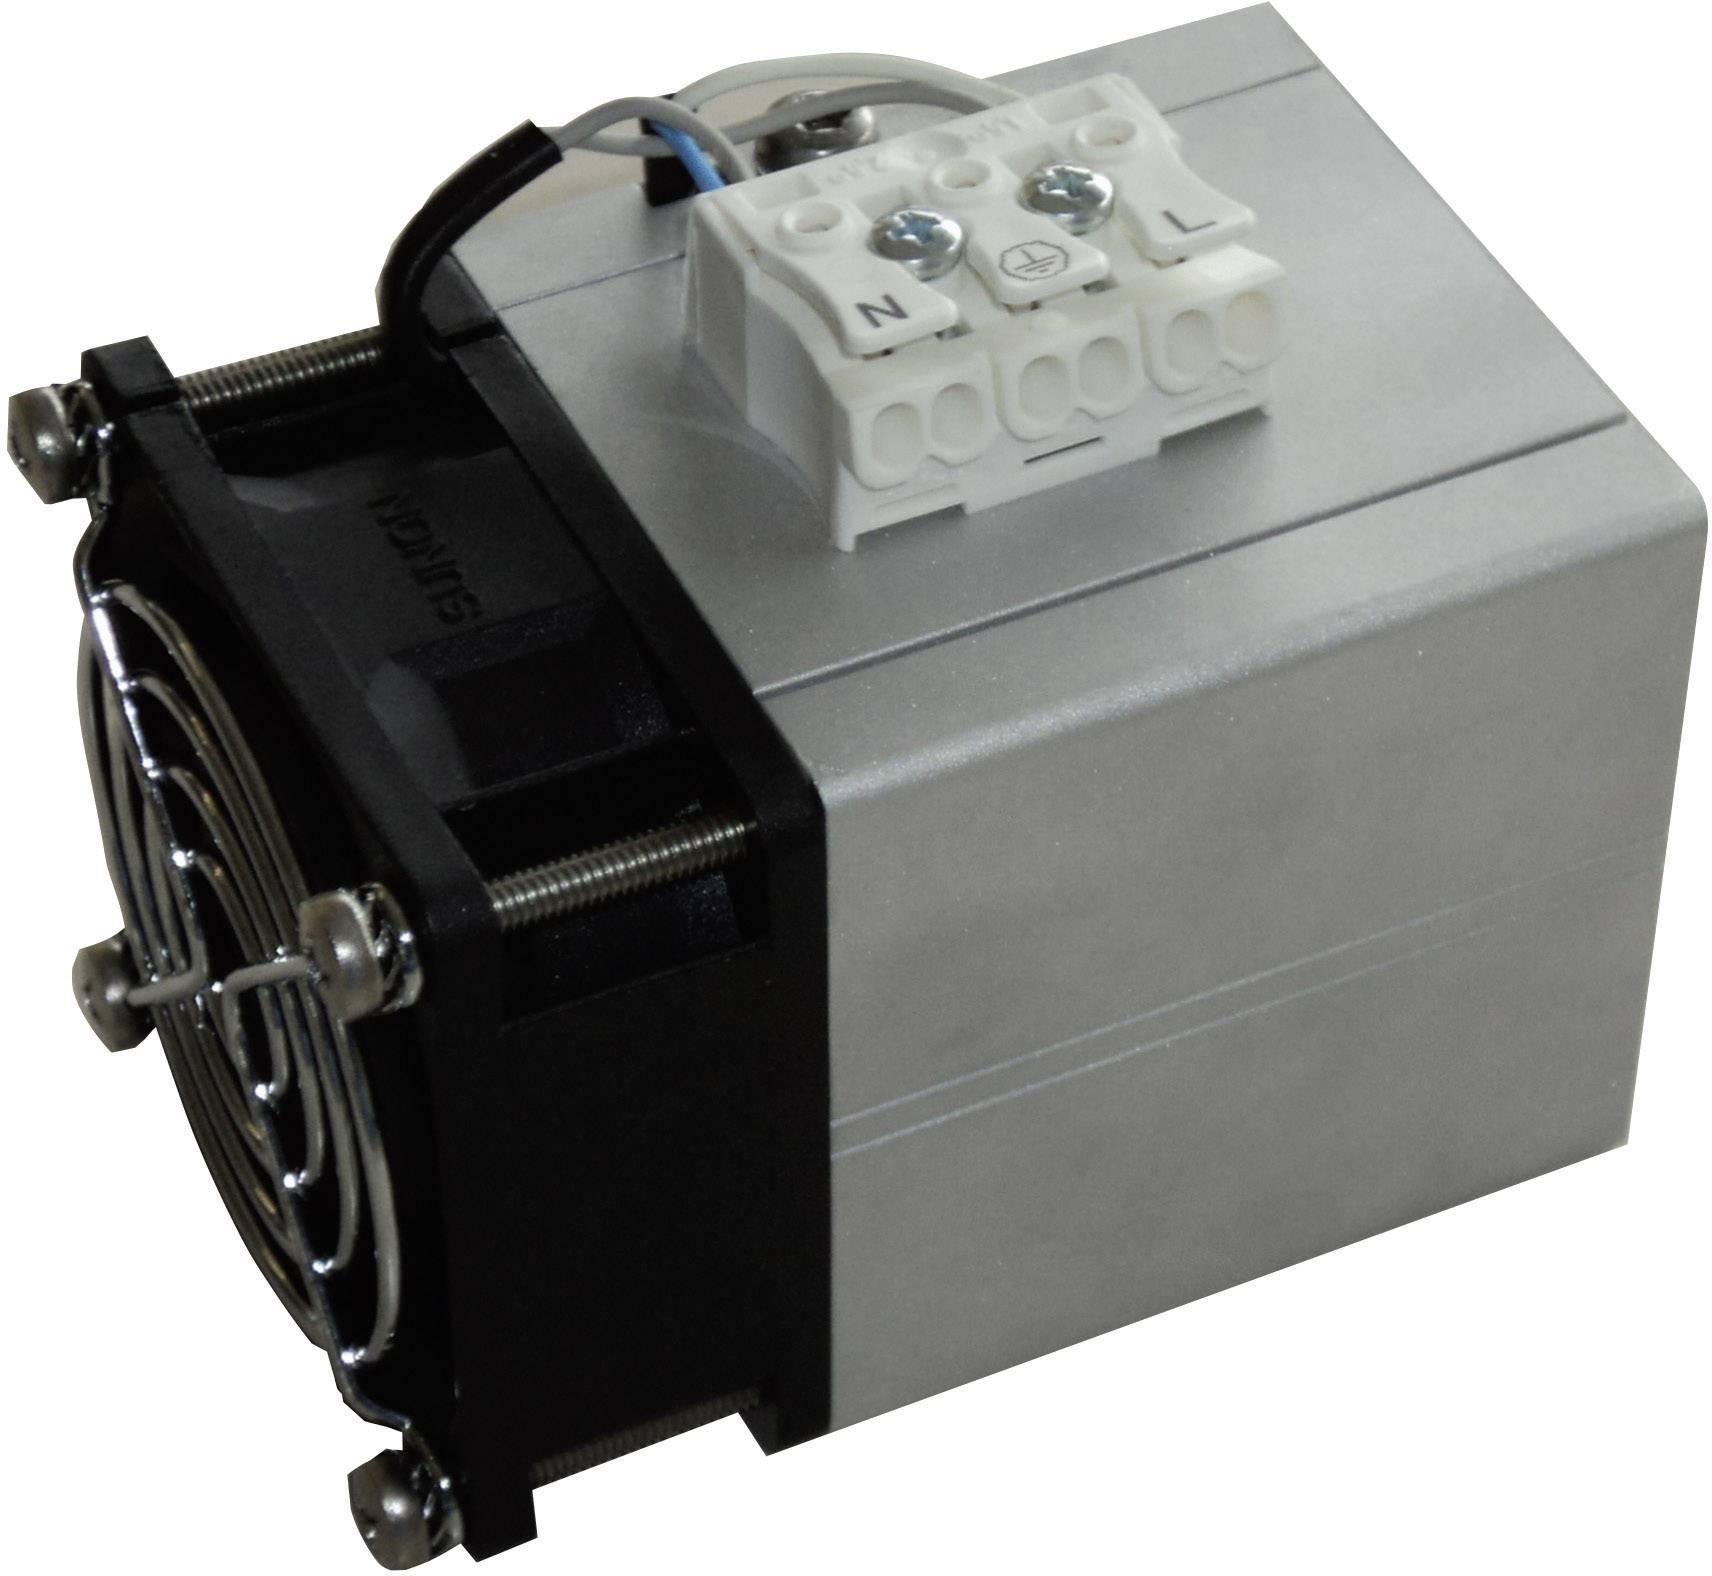 Vytápění s ventilátorem Rose LM Mixi (04310022A22), do rozvodných skříní, 100 W